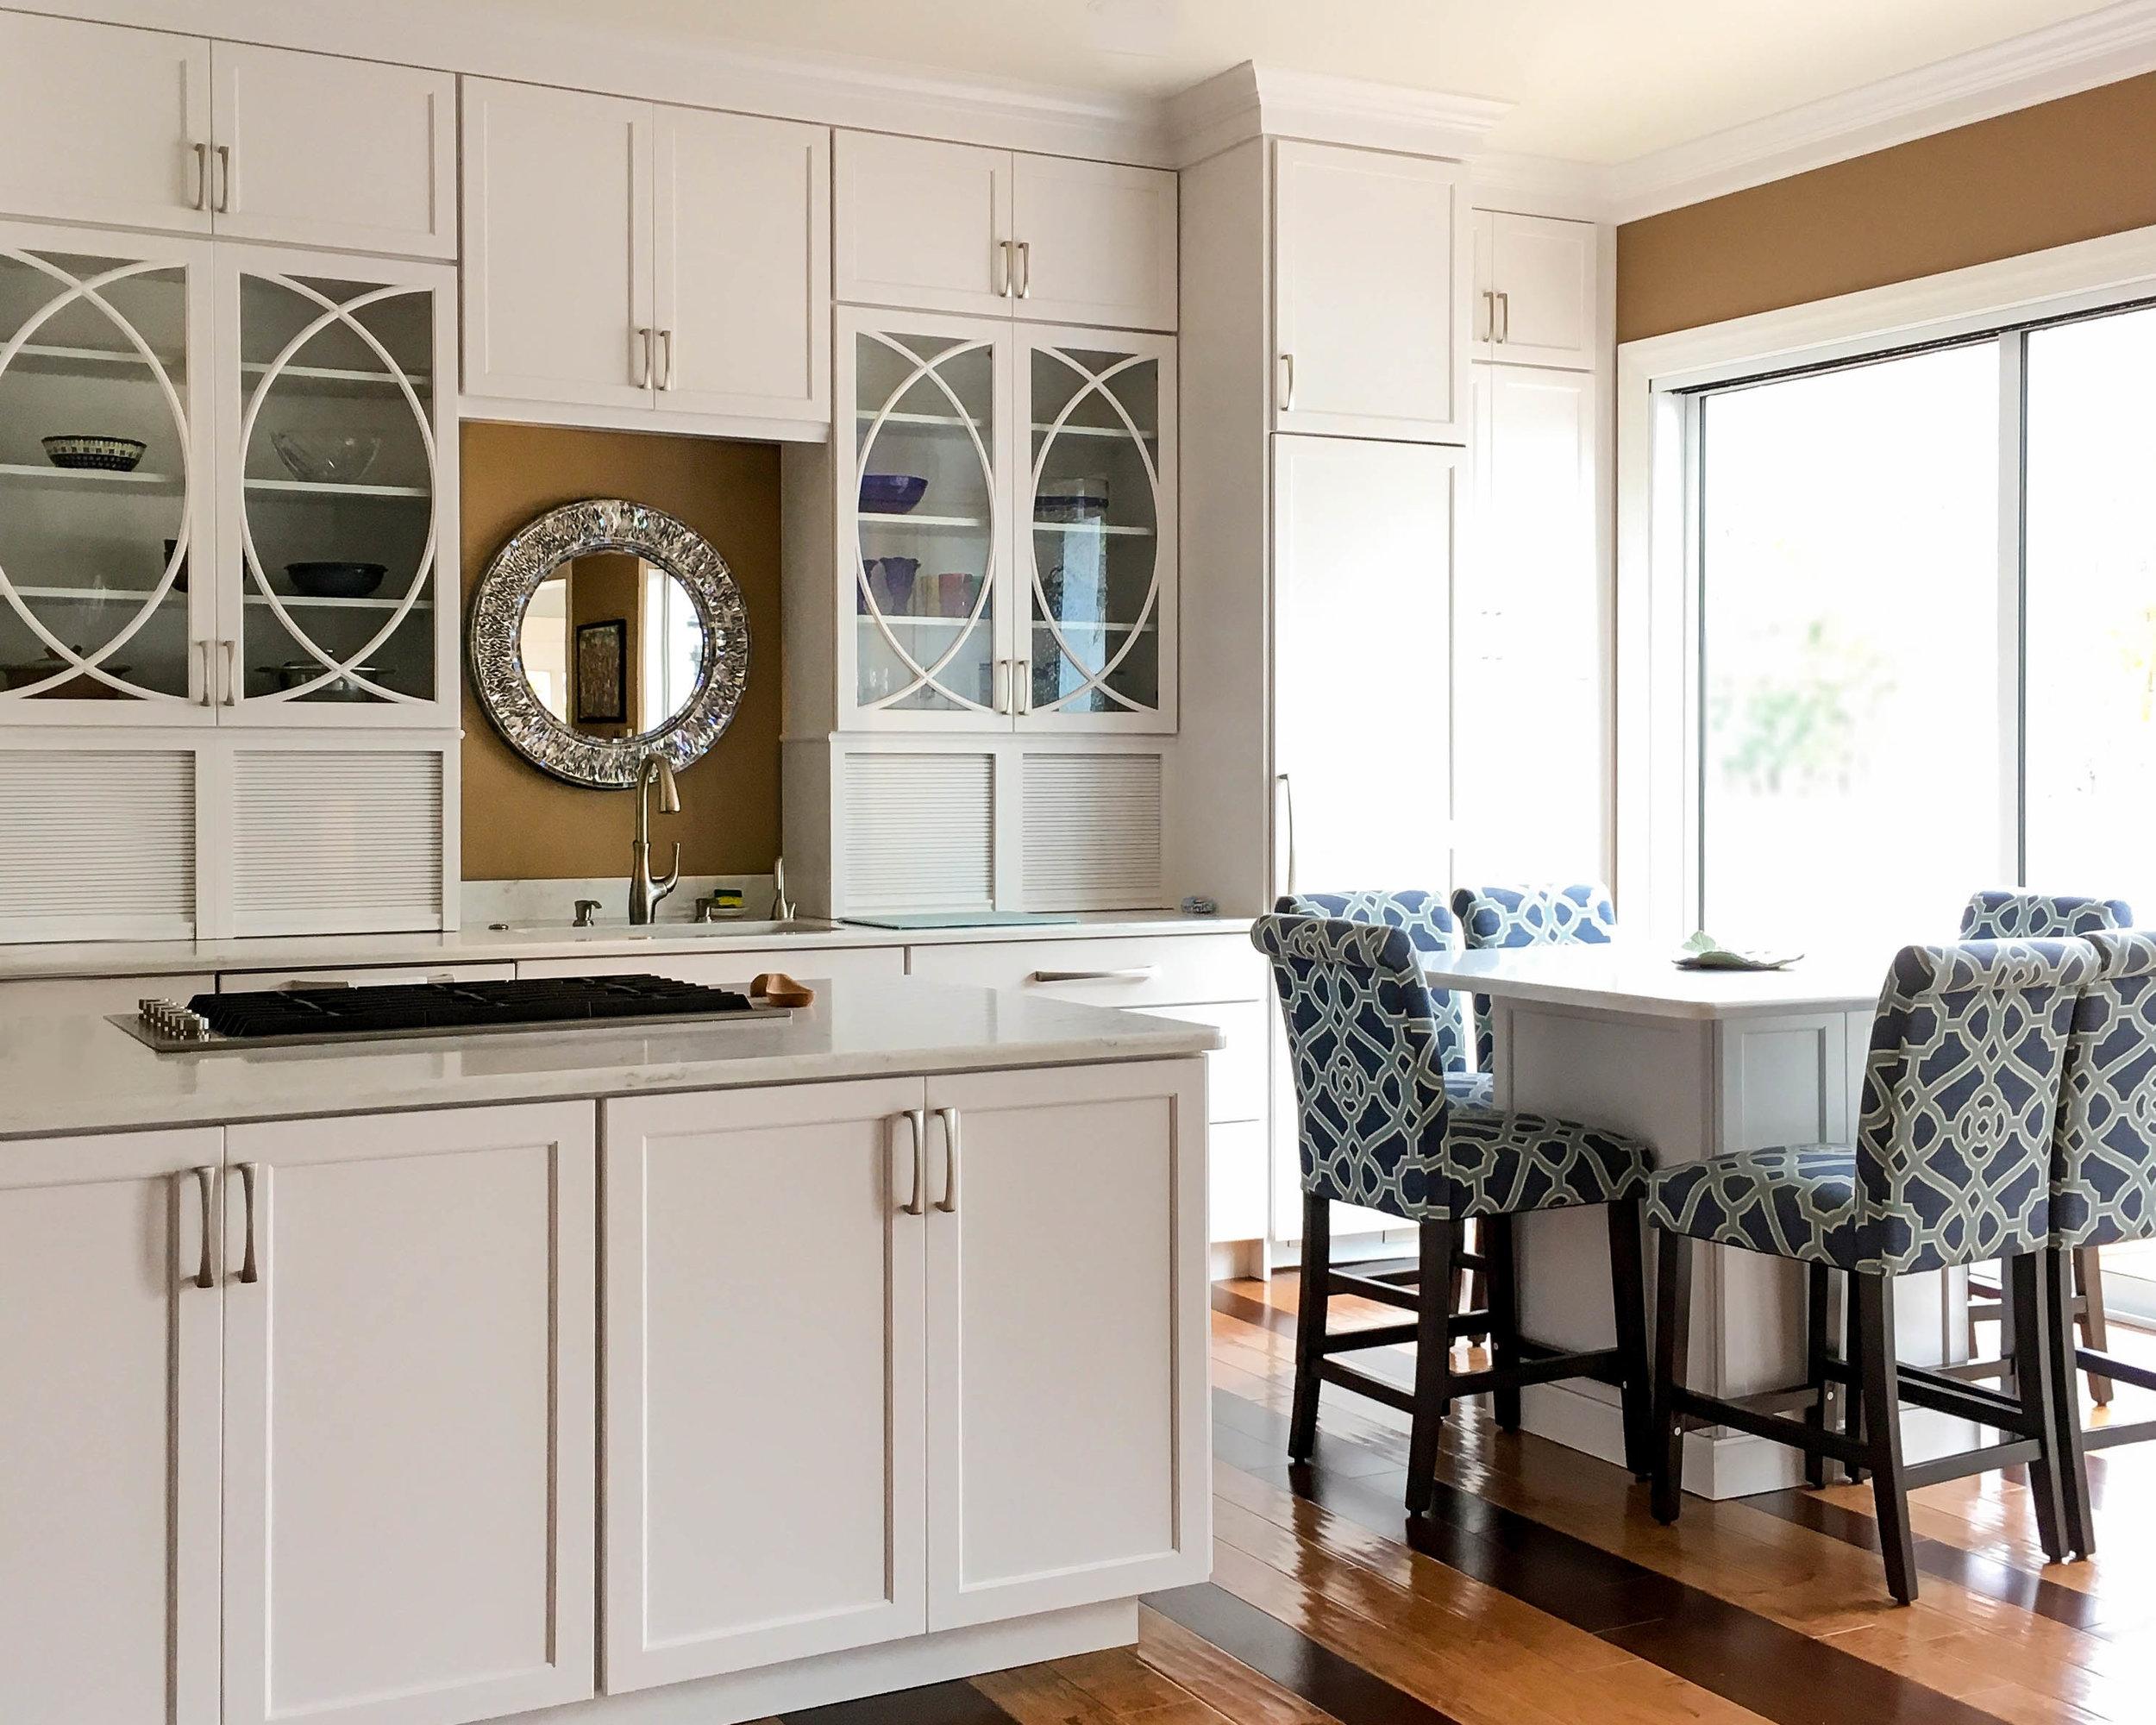 Photo: MakeNest Interiors